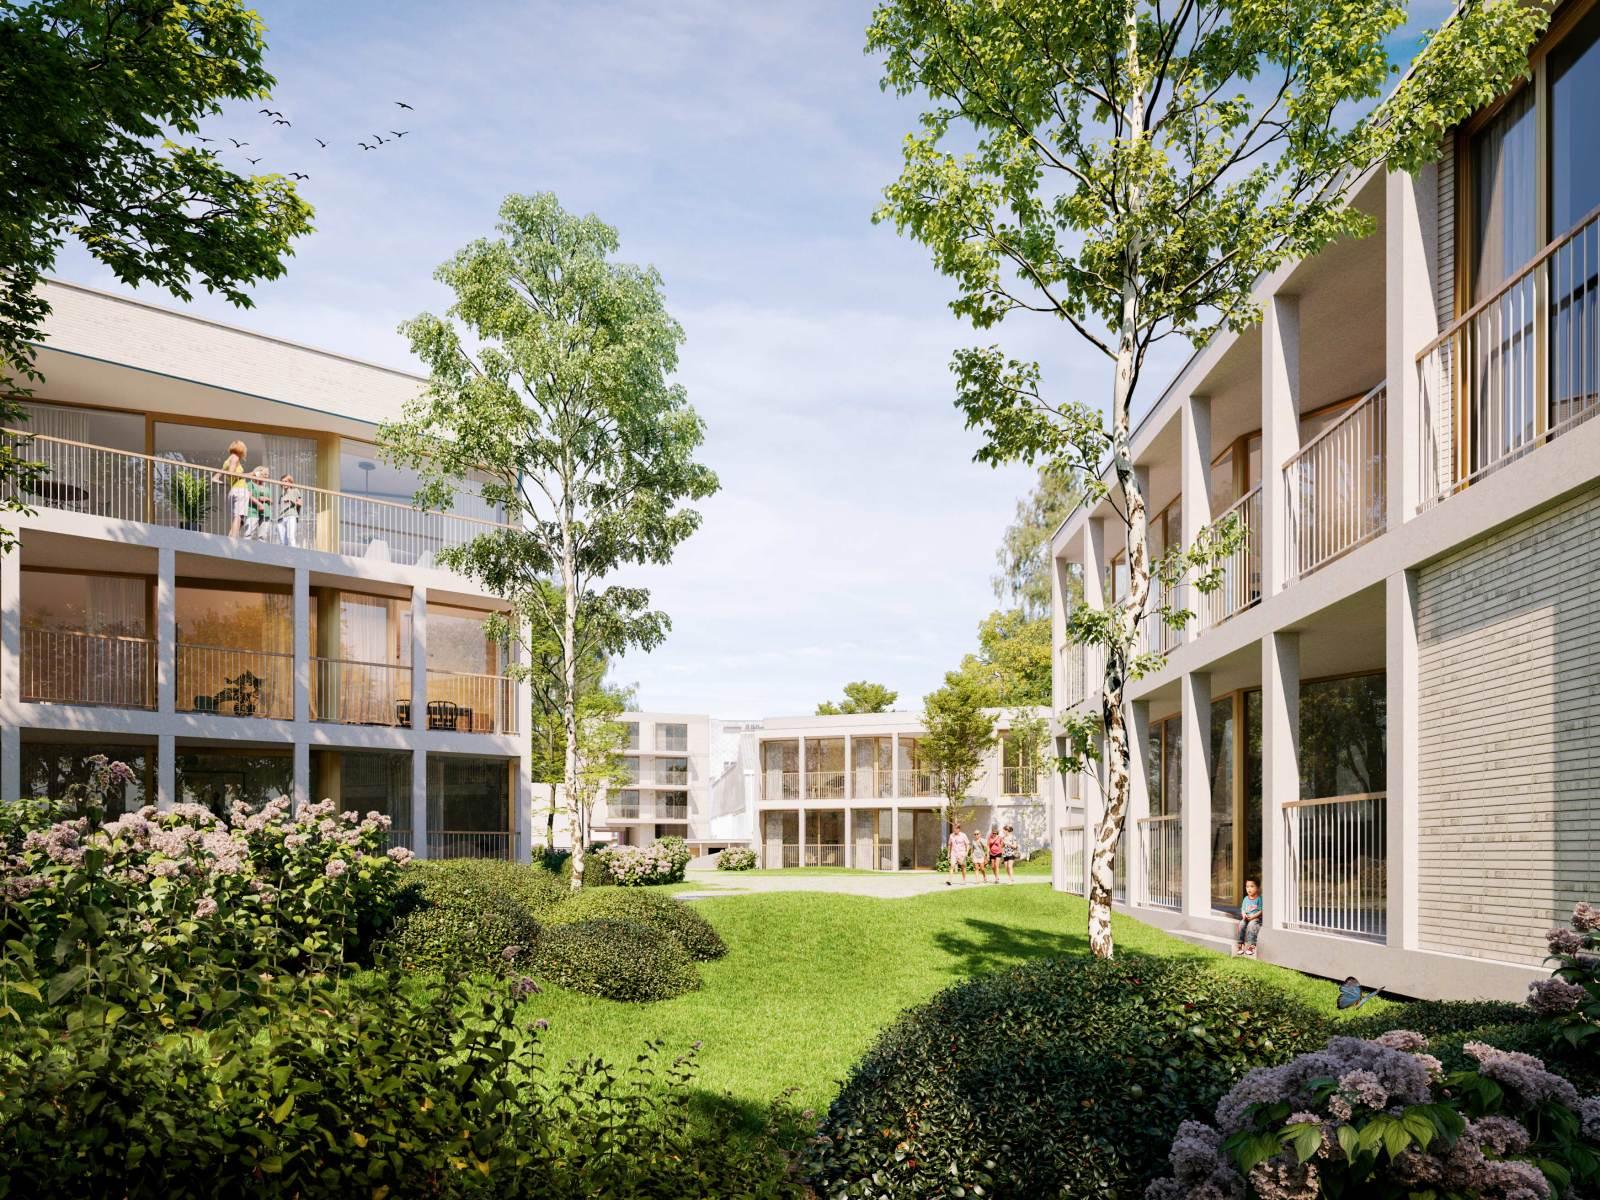 Nieuwbouw appartement op de gelijkvloers verdieping in prachtig binnengebied! afbeelding 2